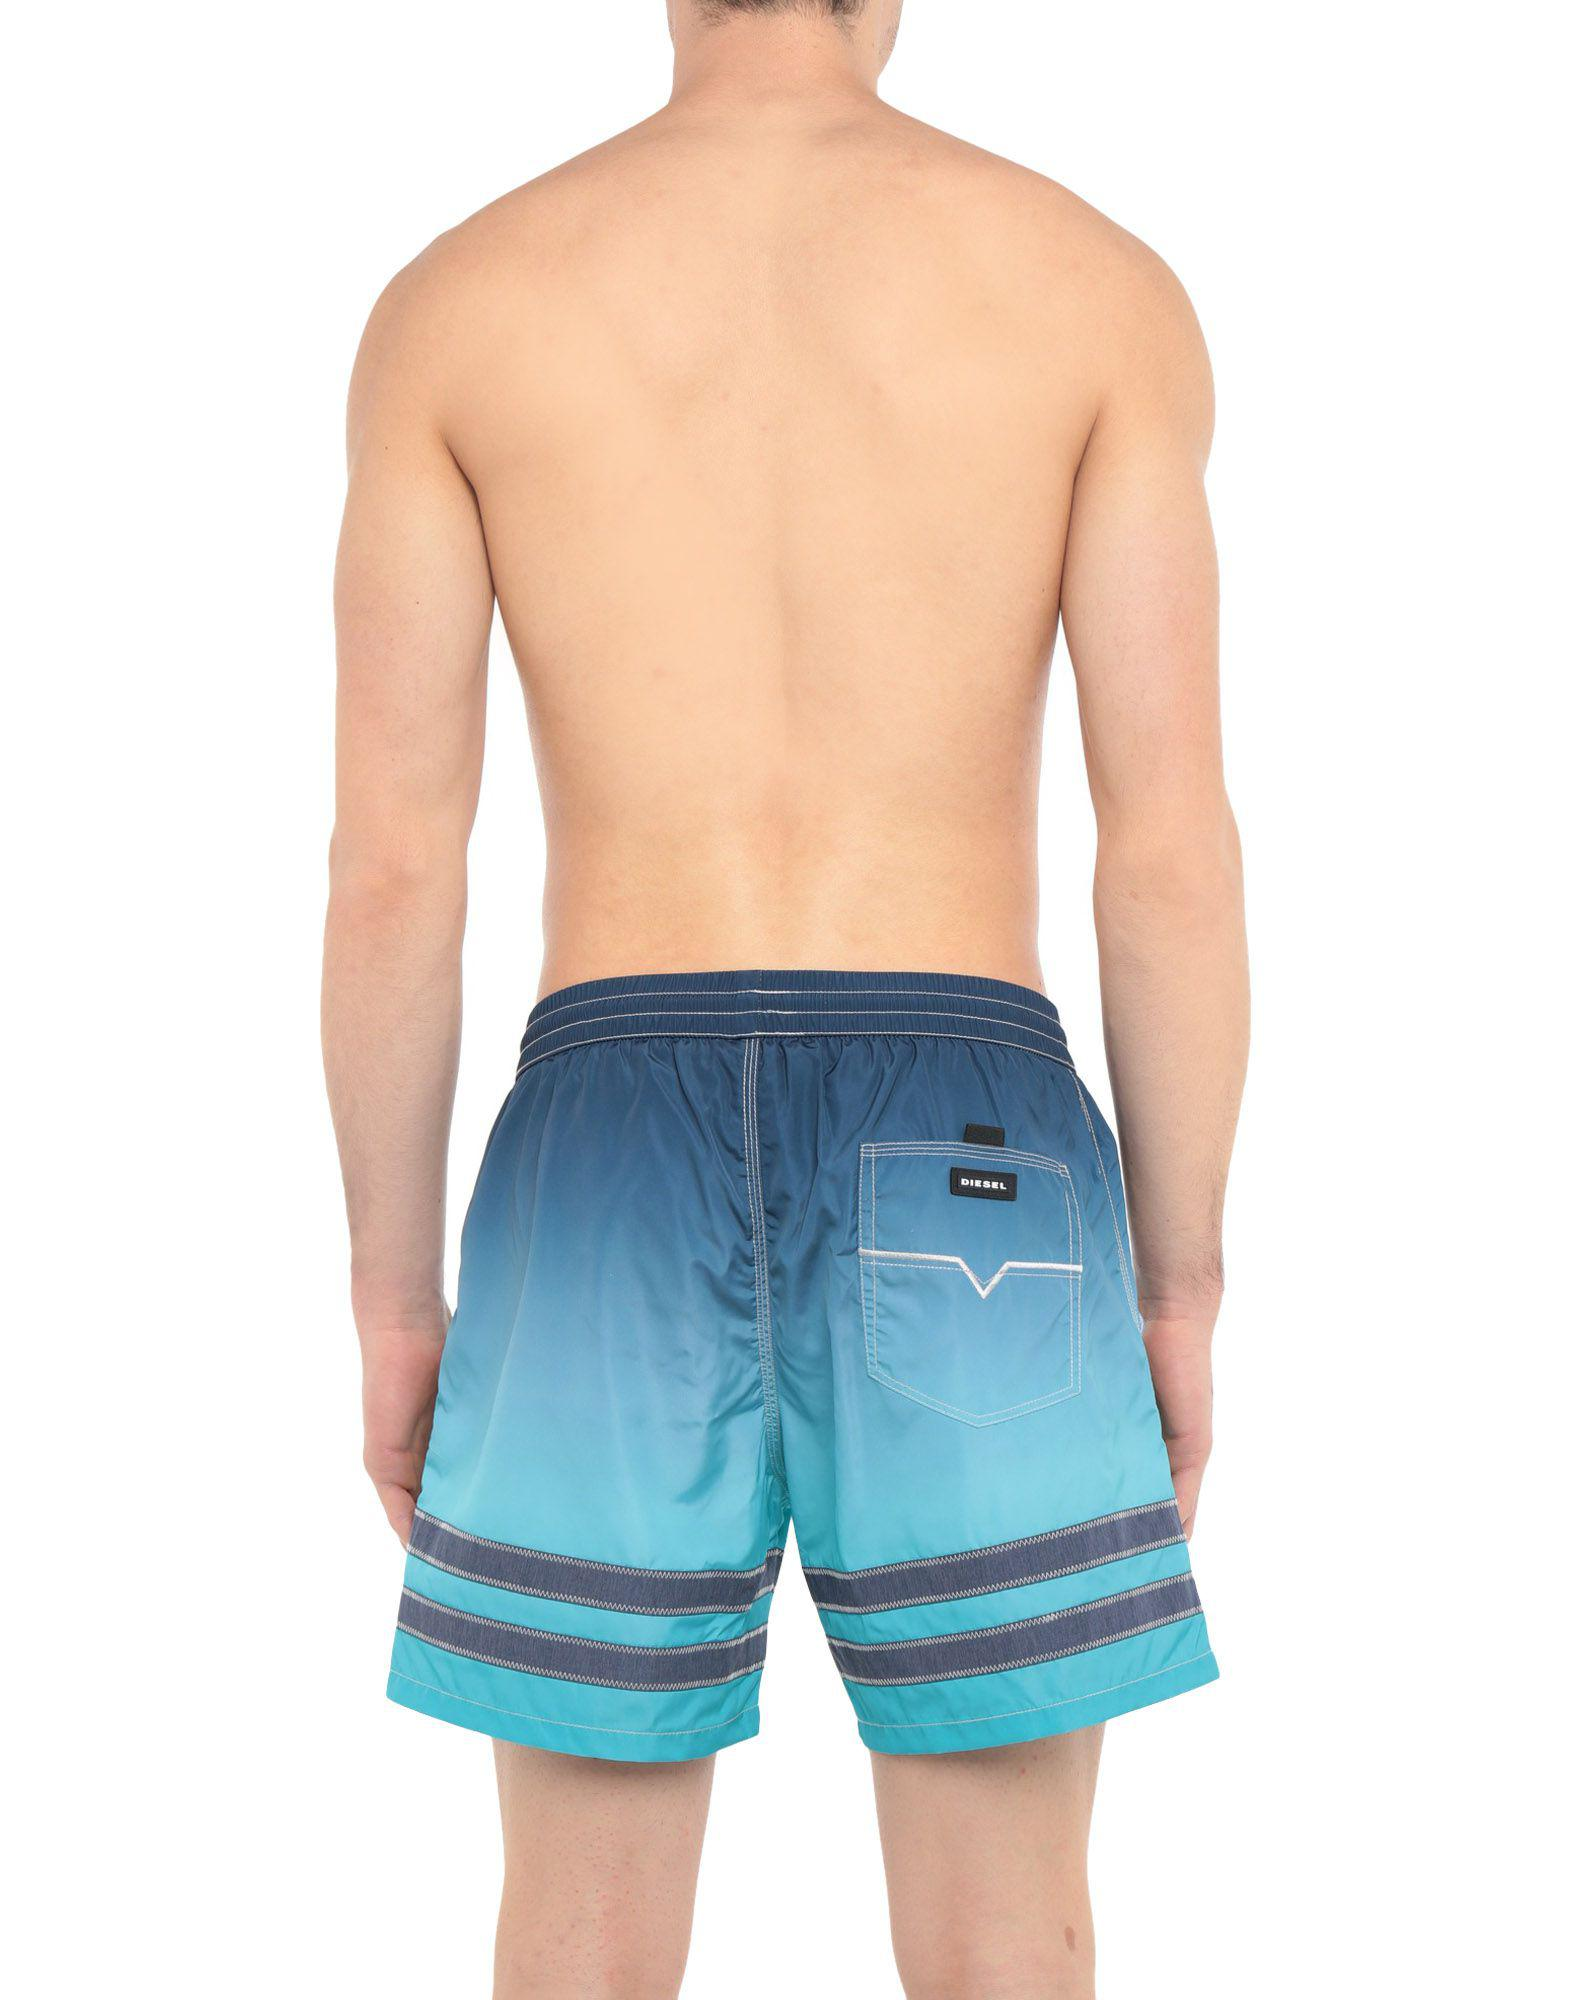 44eff725aa14a Lyst - Diesel Swim Trunks in Blue for Men